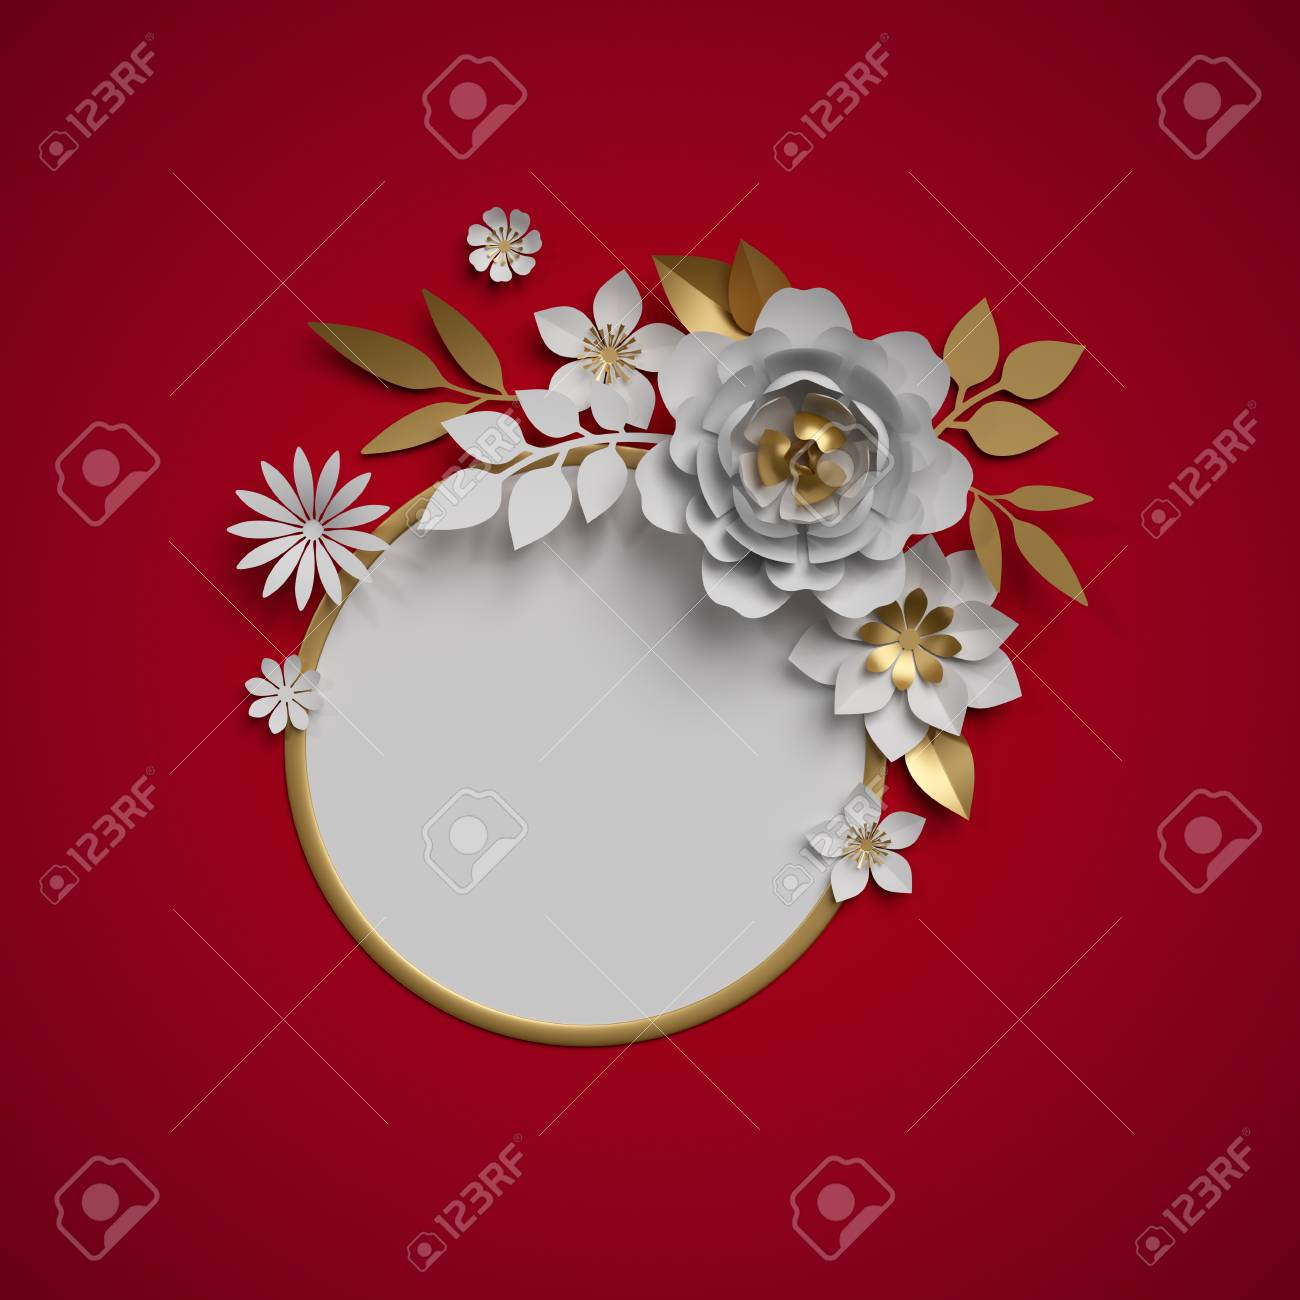 3d Render White Gold Paper Flowers Botanical Decor Round Frame